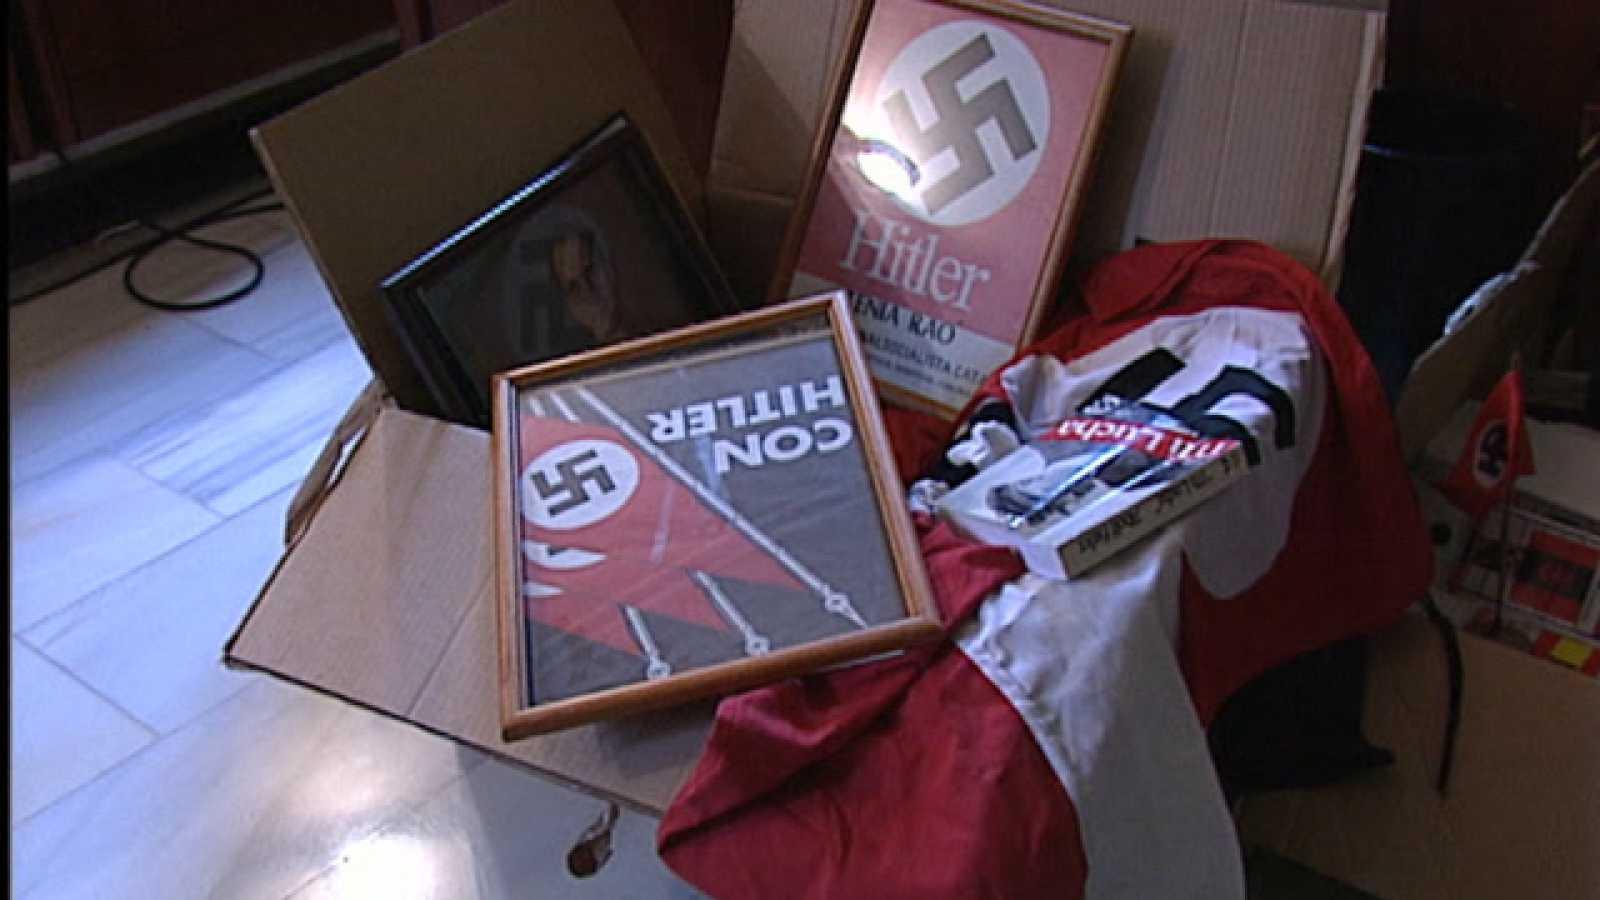 Los magistrados del Supremo dicen que no es delito difundir ideas nazis si no incitan a la violencia